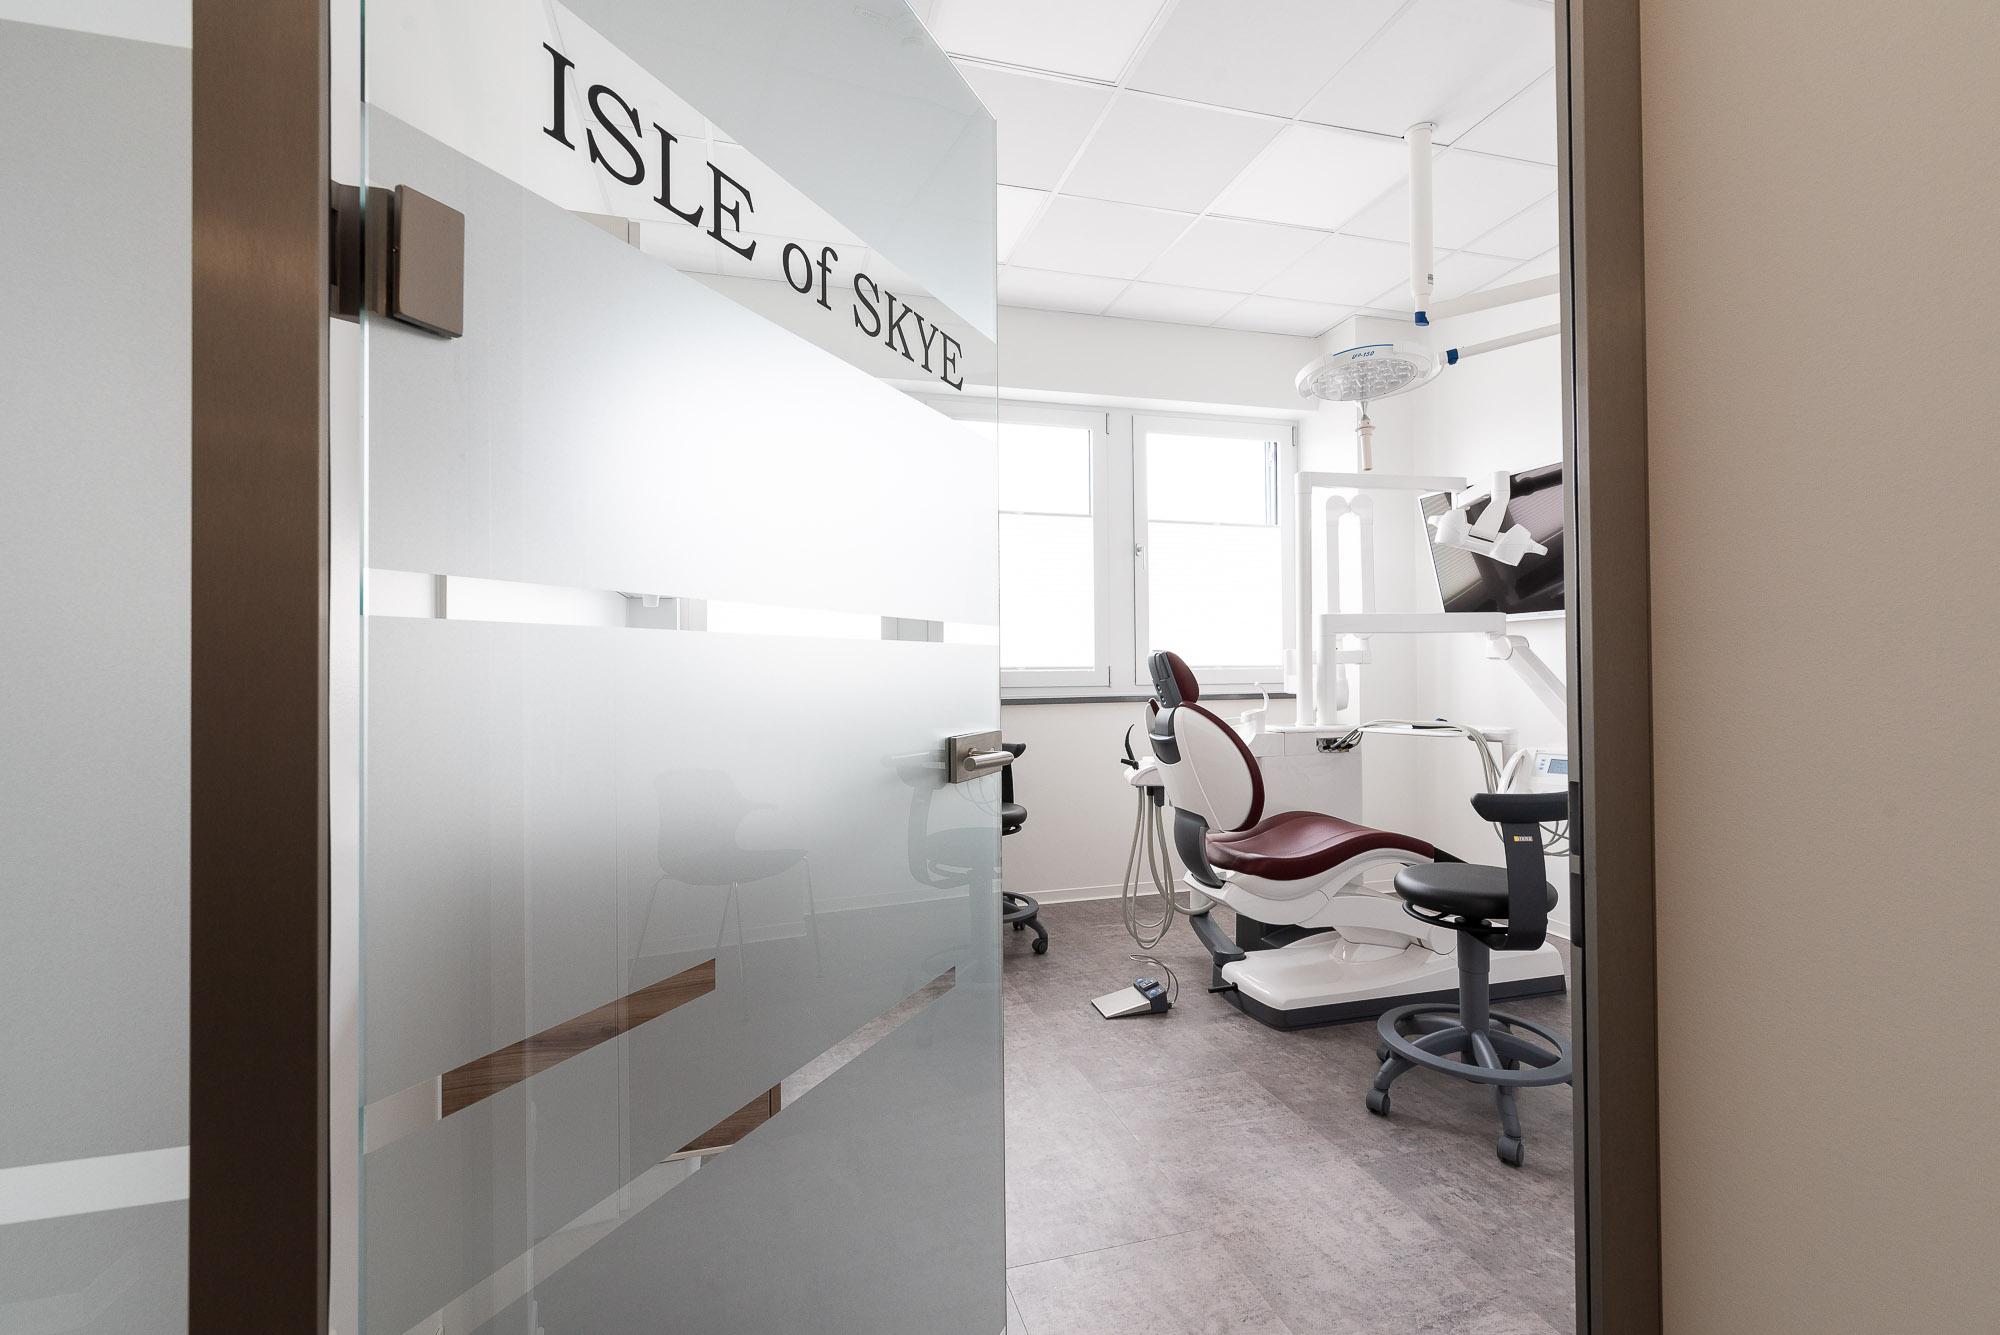 Fotografie-Interieur-Arztpraxis-blick-in-behandlungsraum